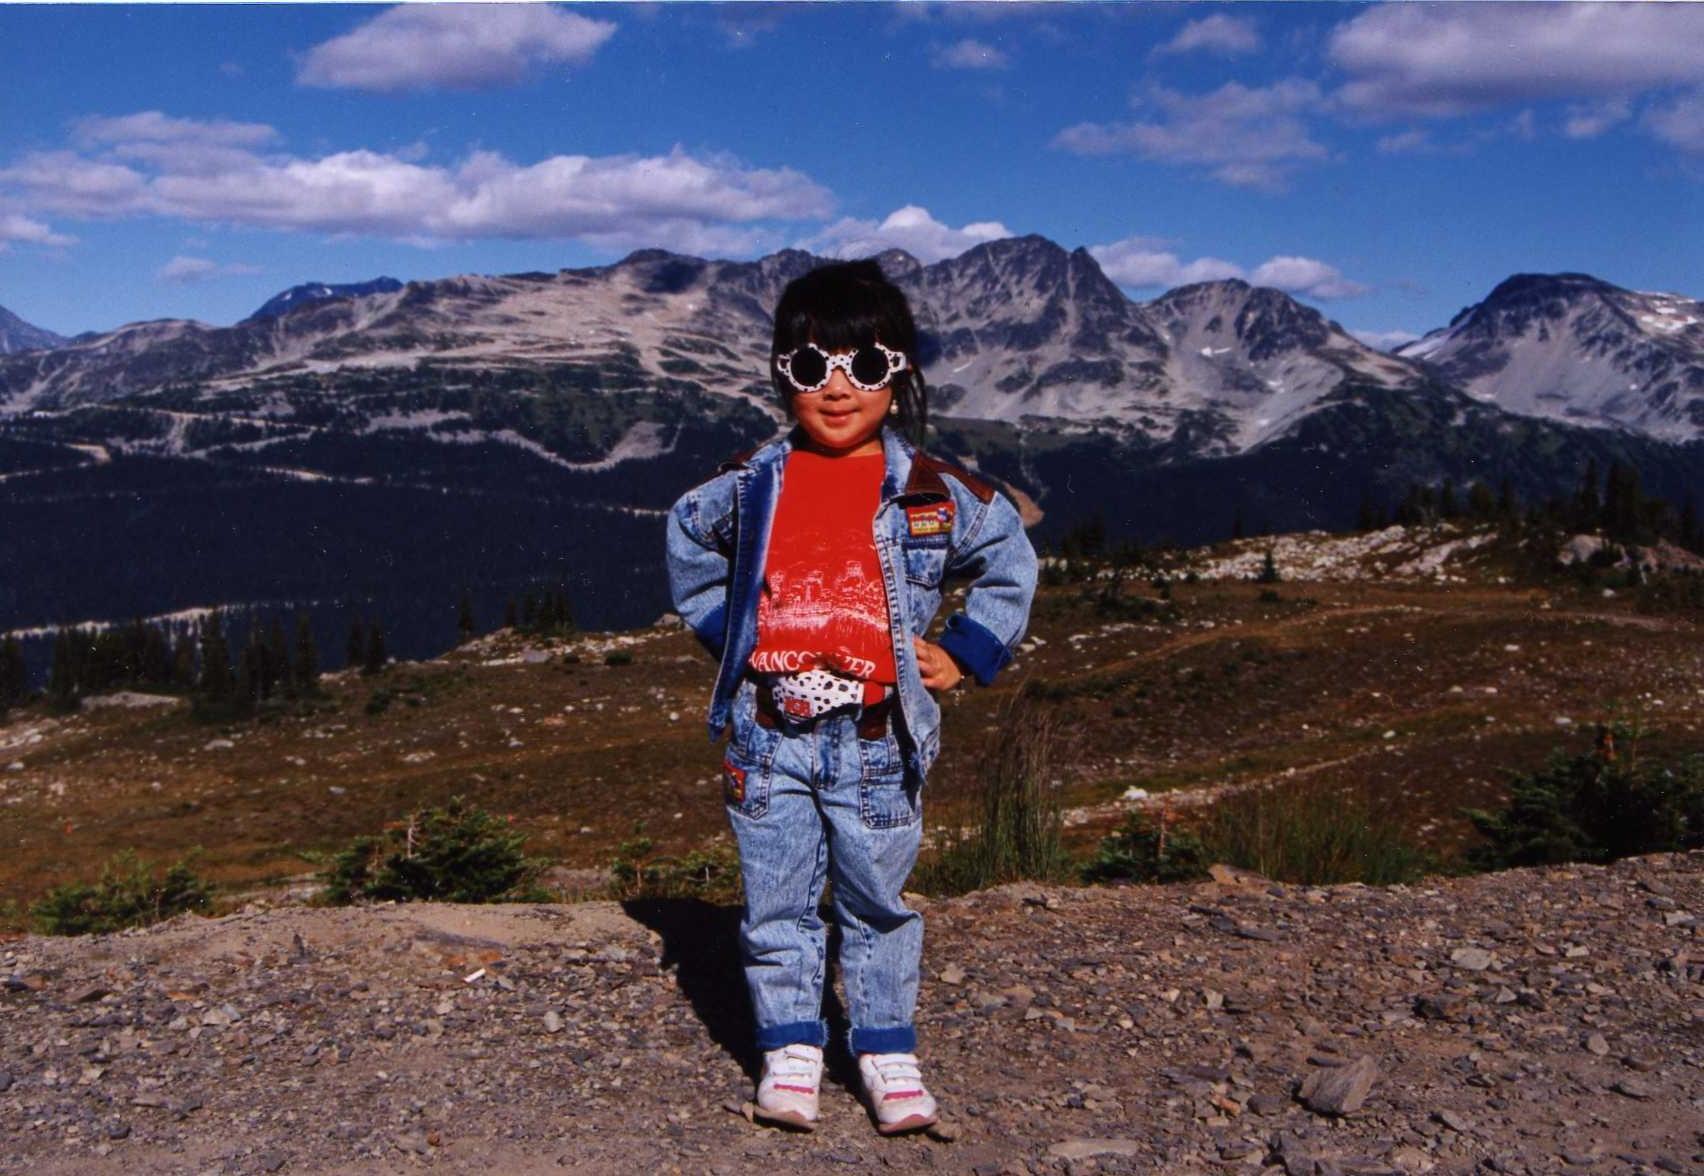 me mountain